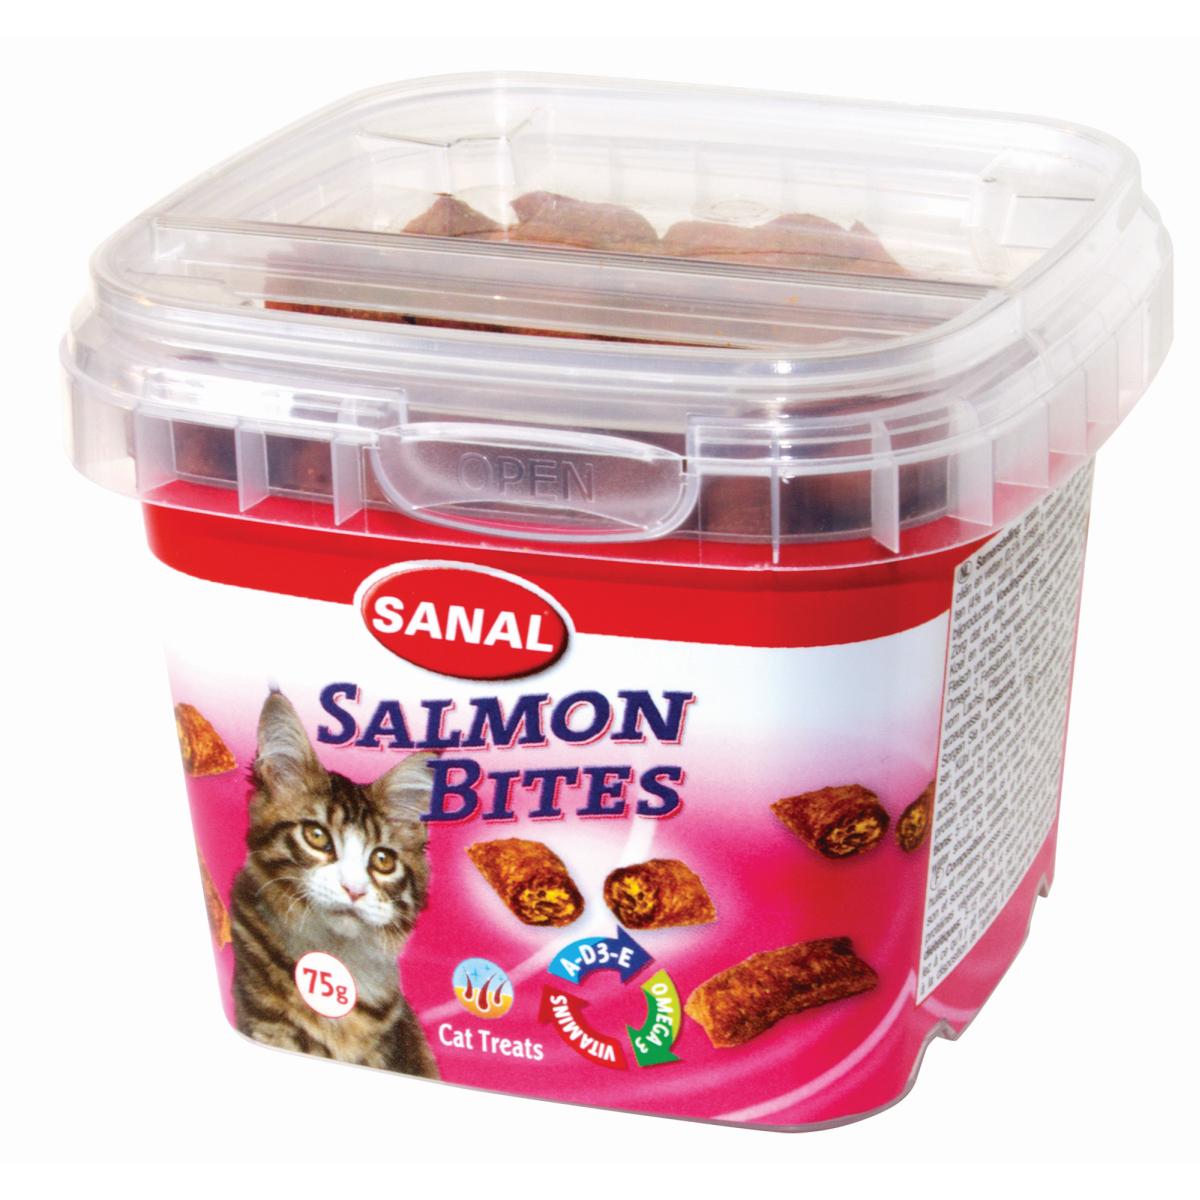 SANAL SALMON BITES CUP 75GR J 00003